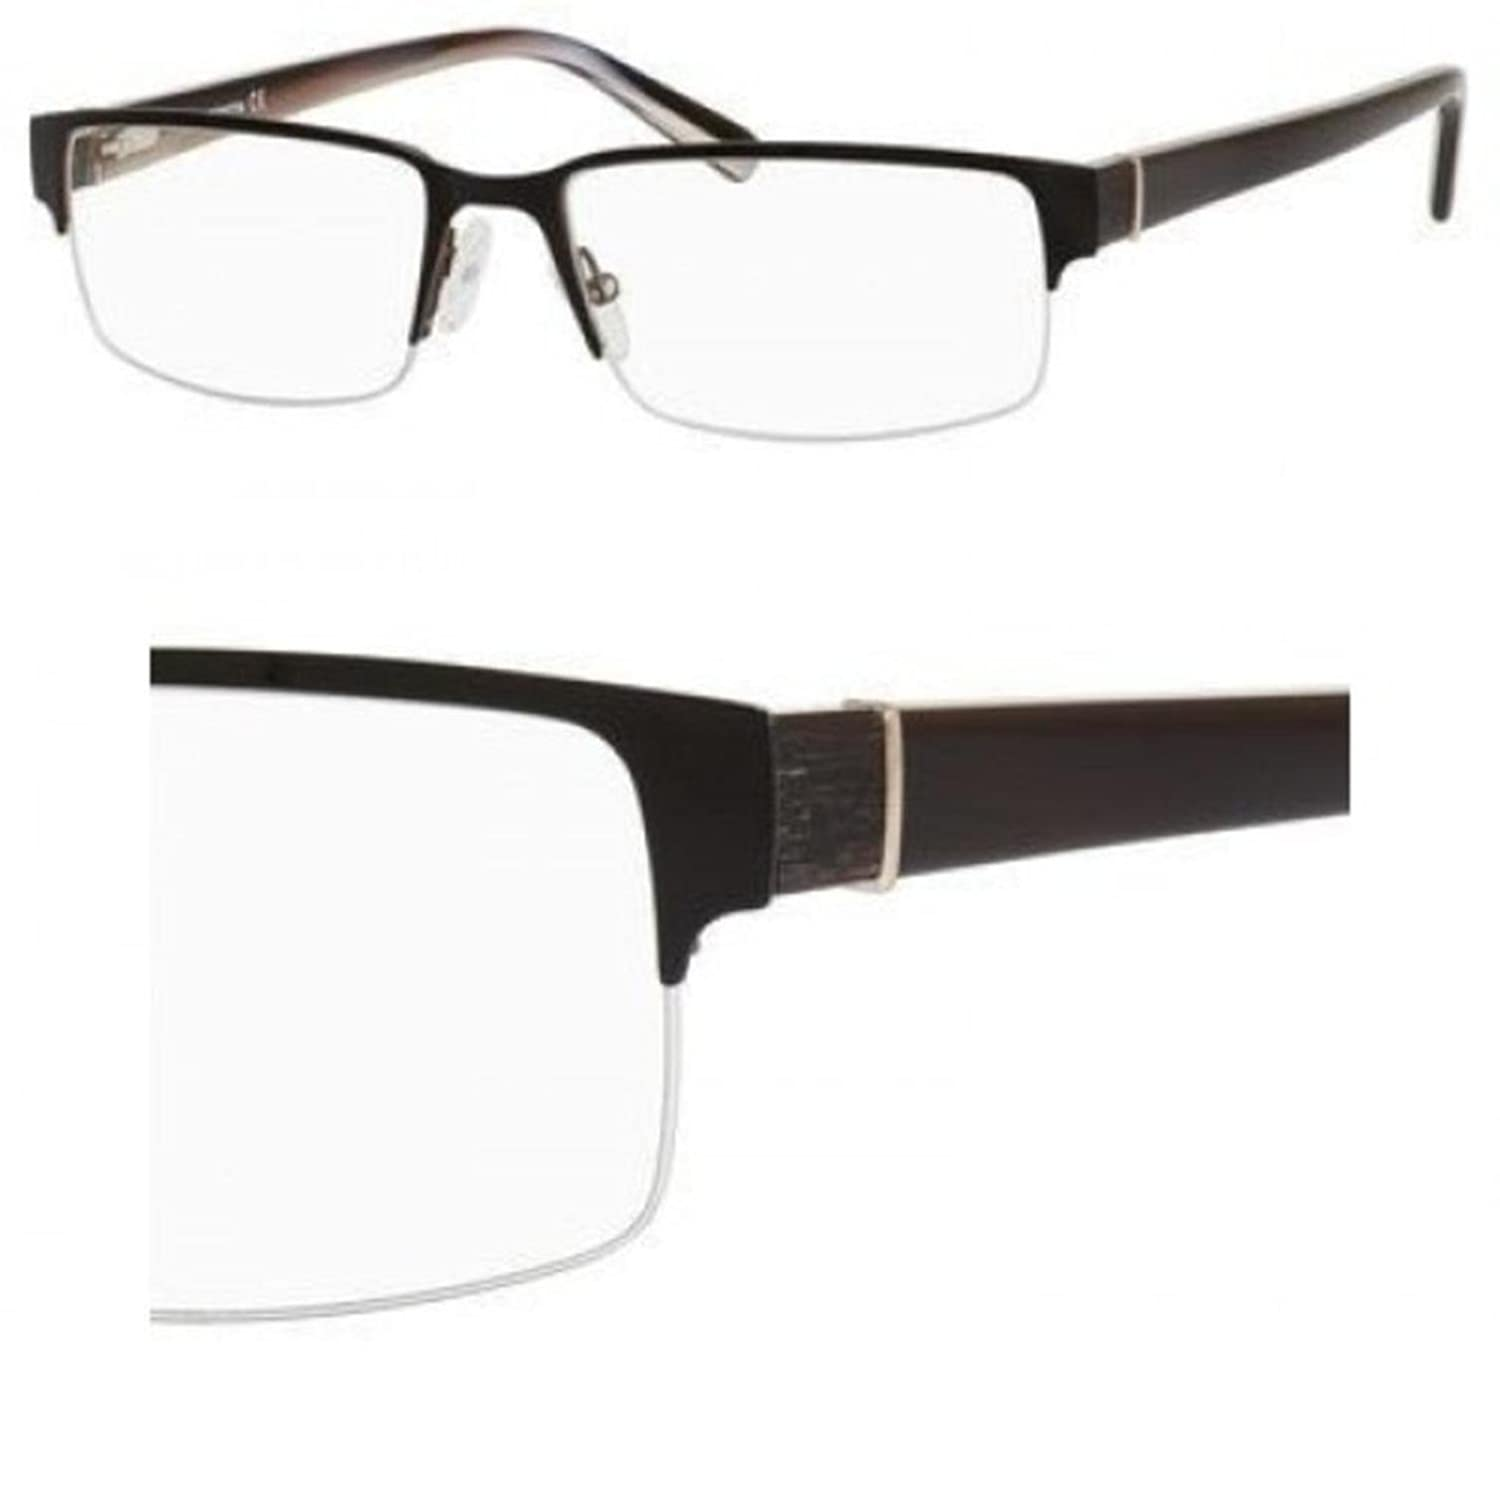 Liz Claiborne - Montura de gafas - para hombre: Amazon.es: Ropa y ...